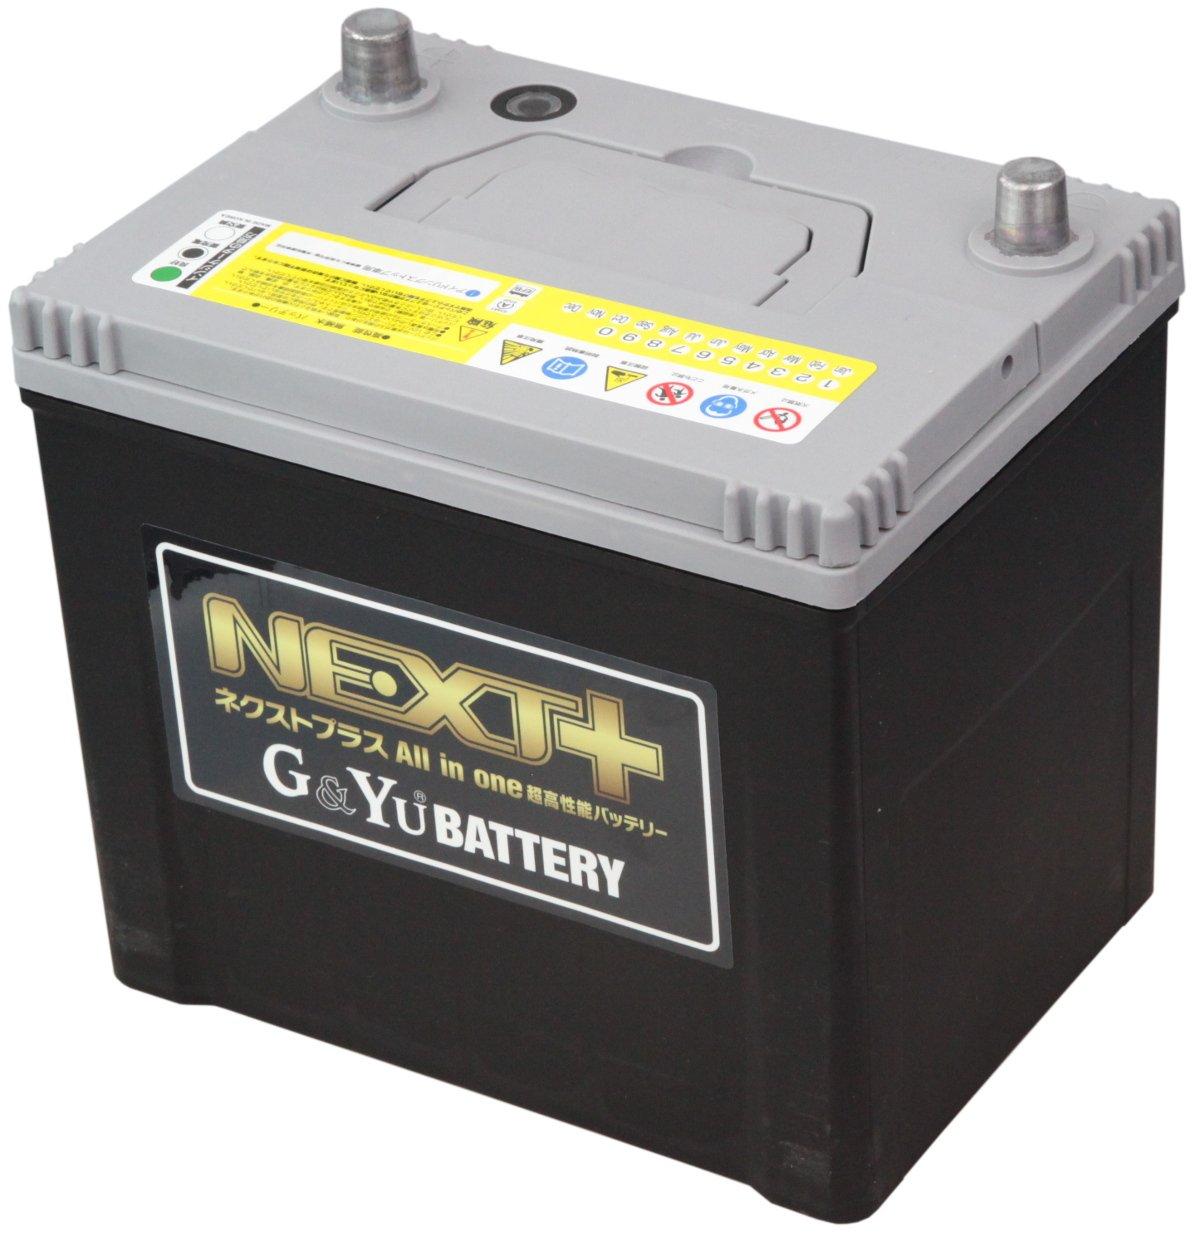 G&Yu [ ジーアンドユー ] 国産車バッテリー アイドリングストップ車&標準車対応 [NEXT+] NP115D26R/S-95R B00SL74TF6